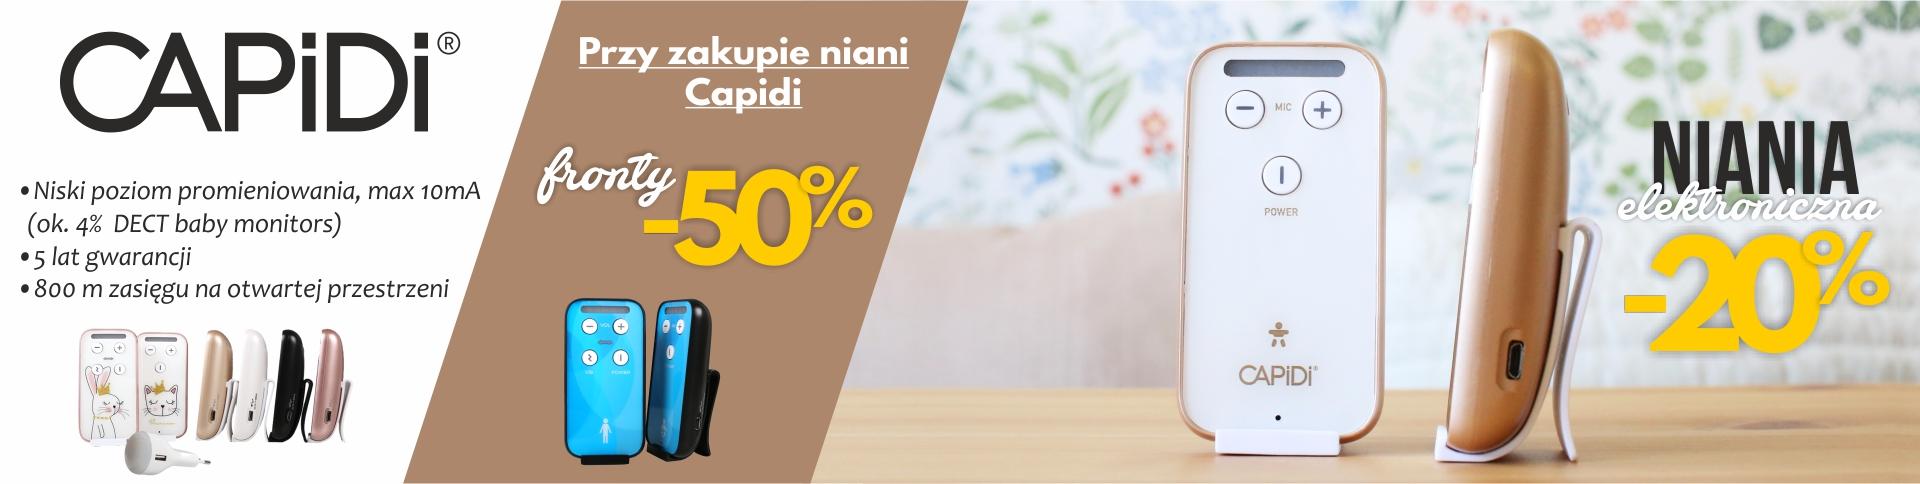 Capdi niania elektroniczna -20% + fronty za 50% ceny